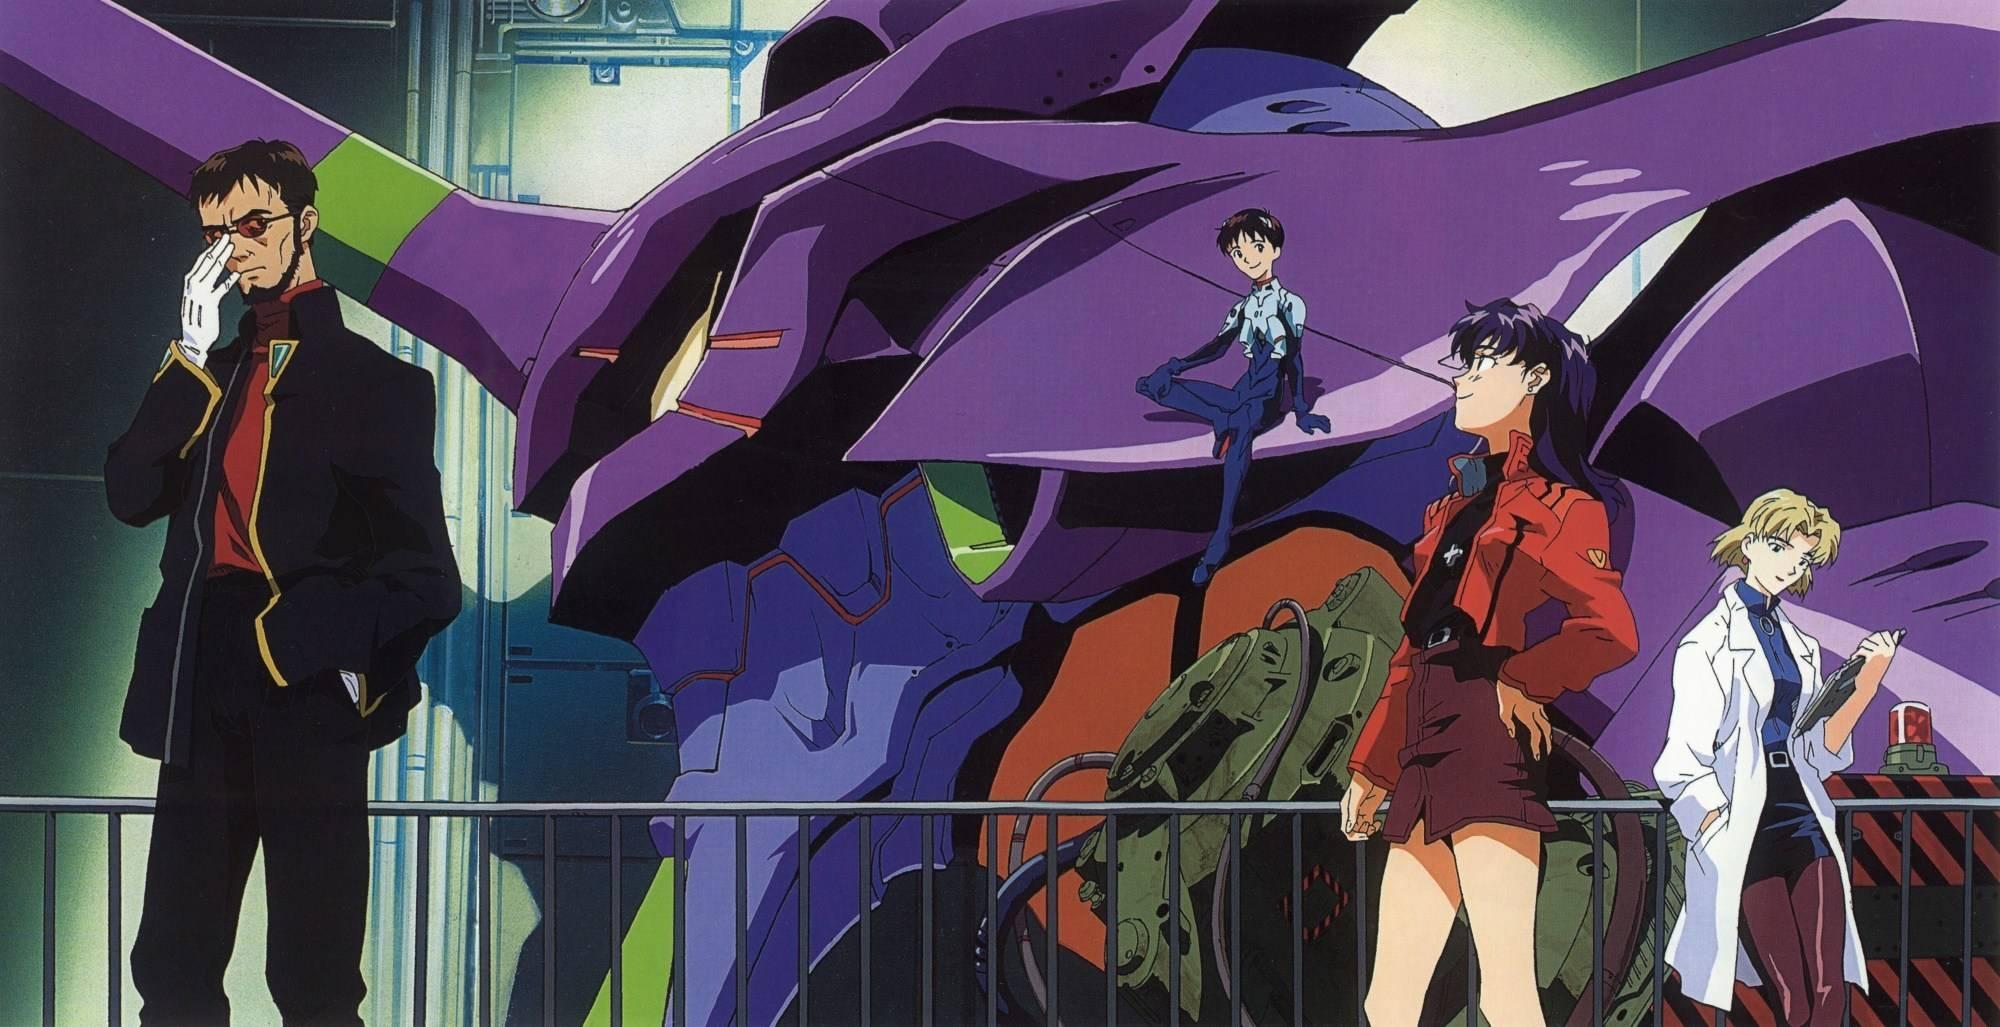 Shinji, Gendo, Misato e Ritsuko con l'Eva 01 in sfondo